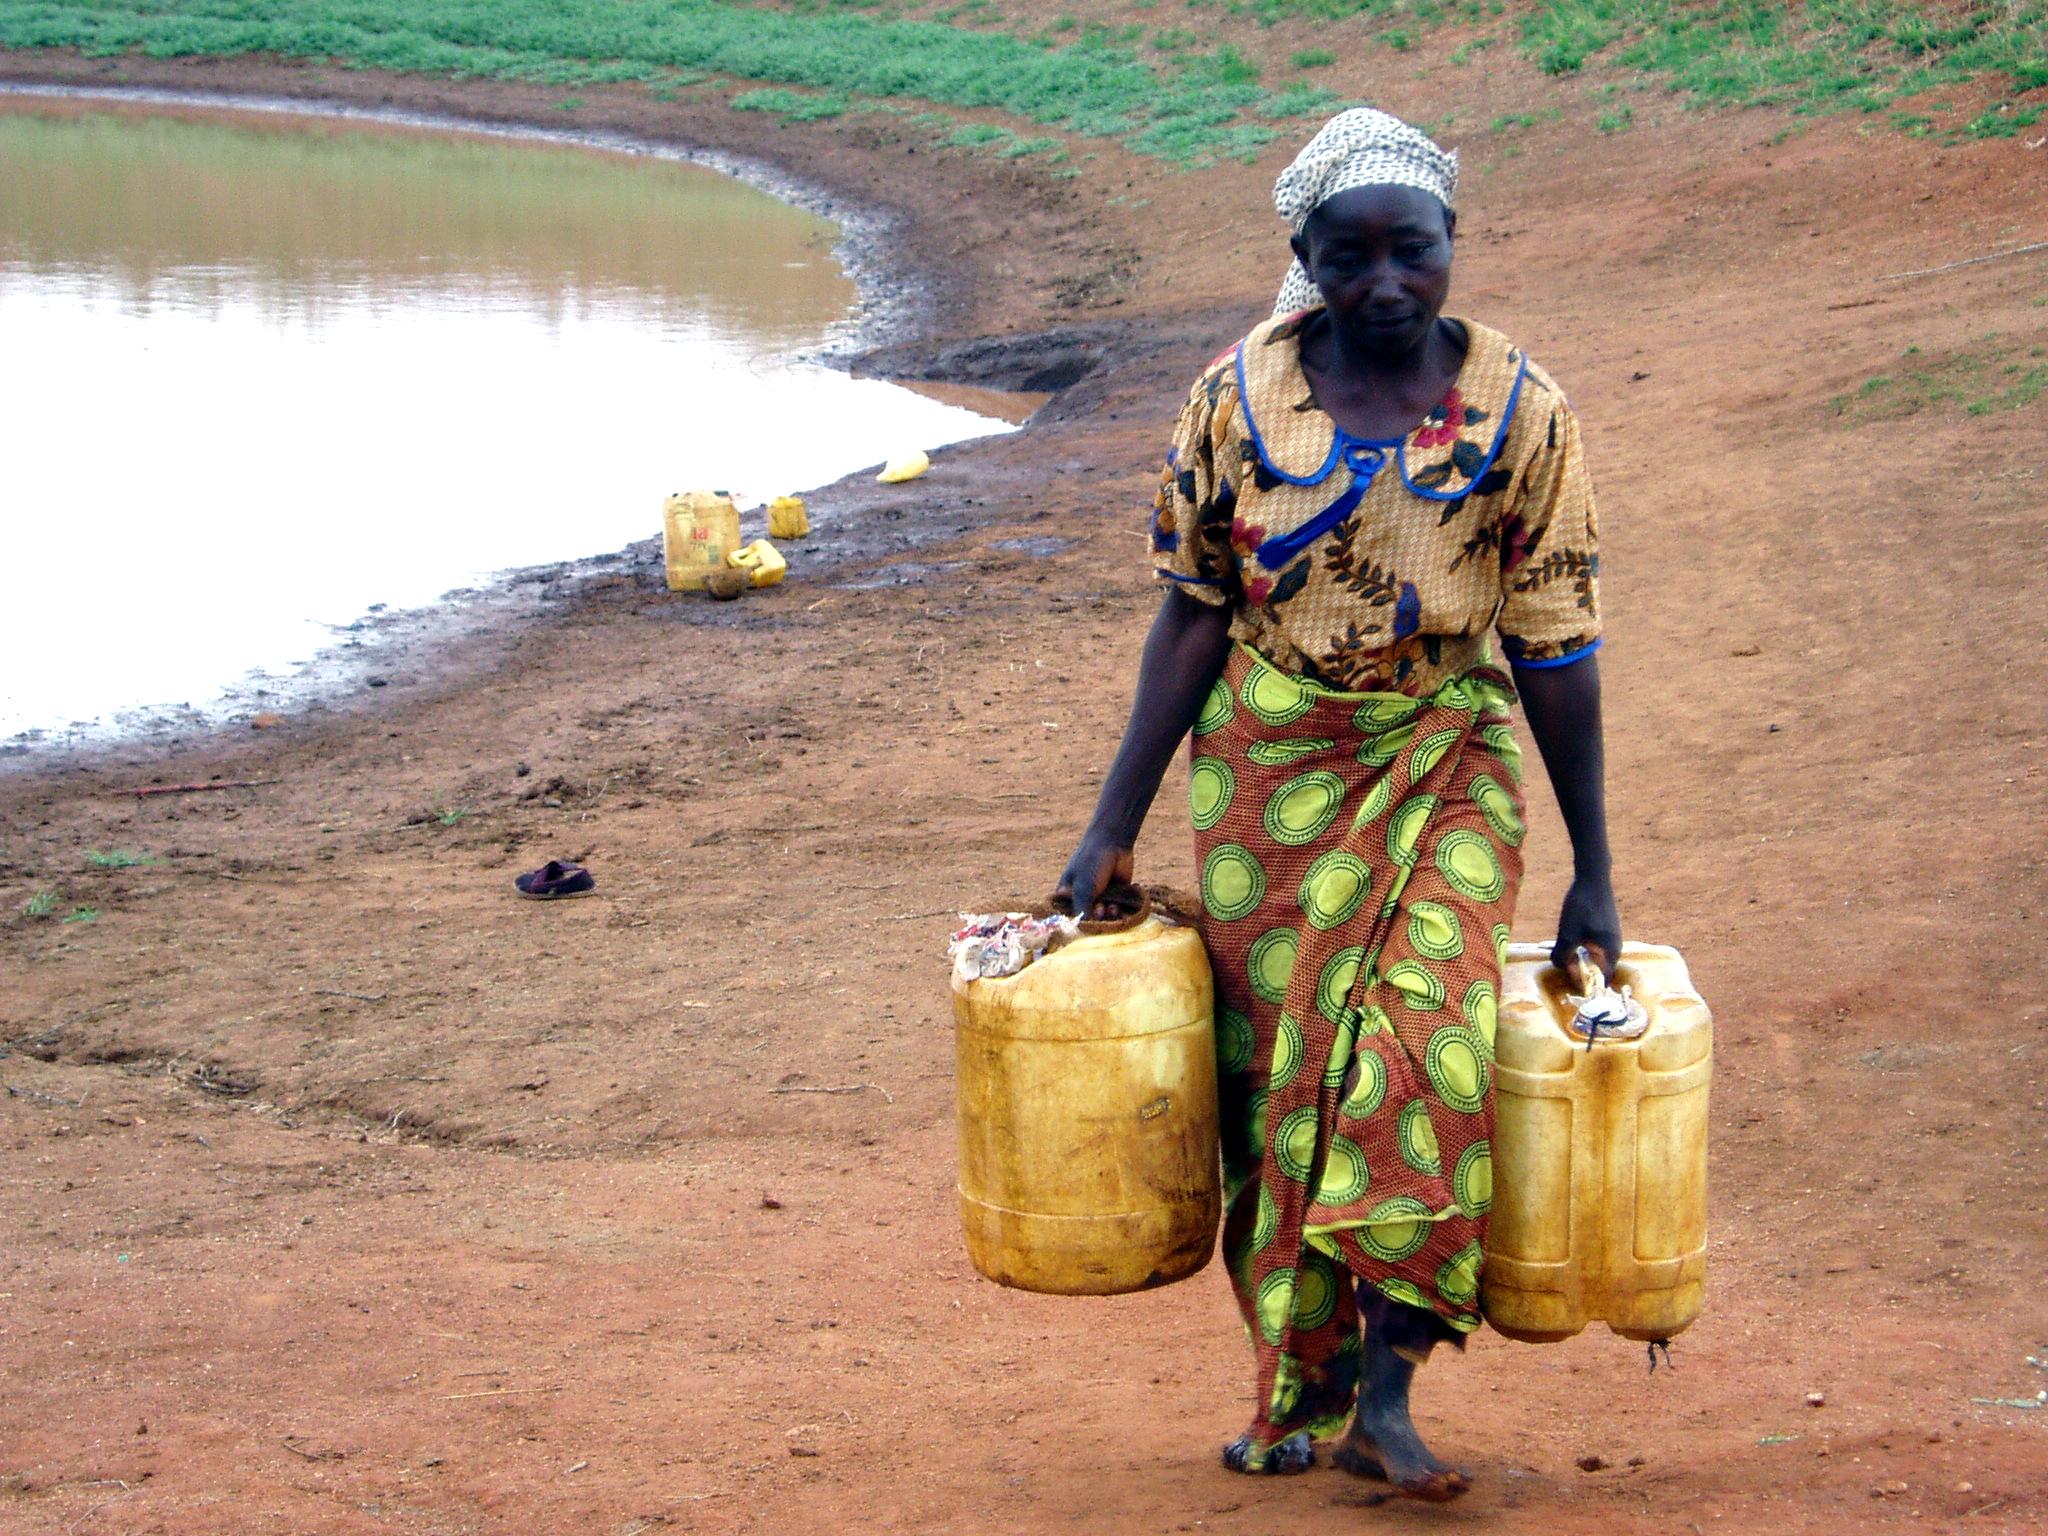 Wasser für Kenia